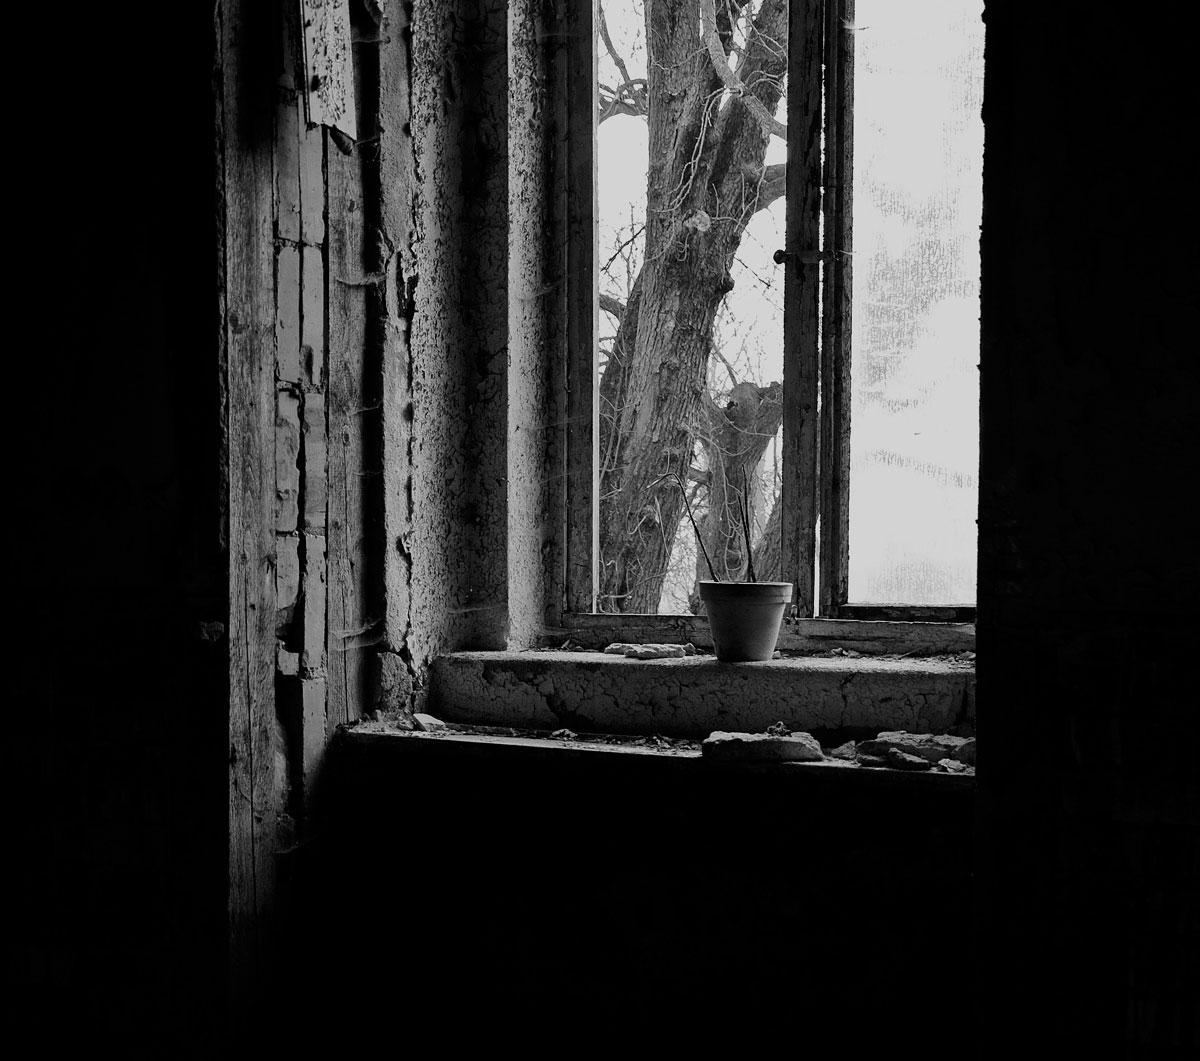 .. .der einsame, übrig gebliebene Blumentopf..